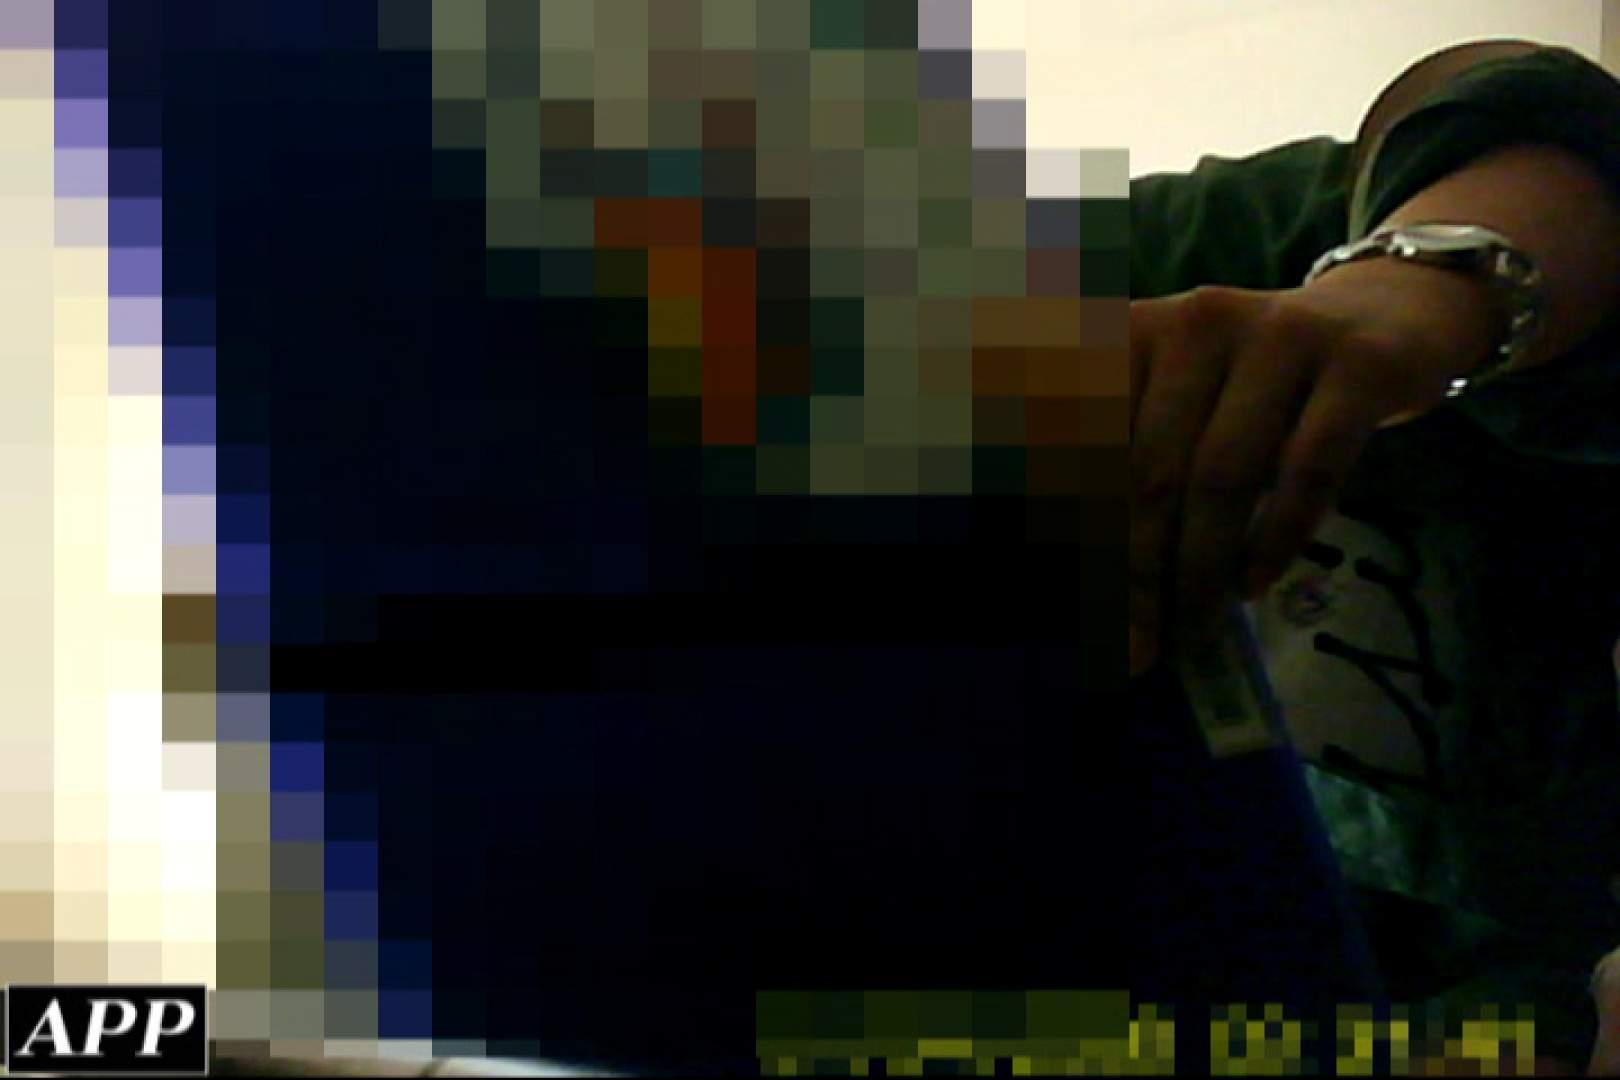 3視点洗面所 vol.118 丸出しマンコ エロ画像 104連発 76